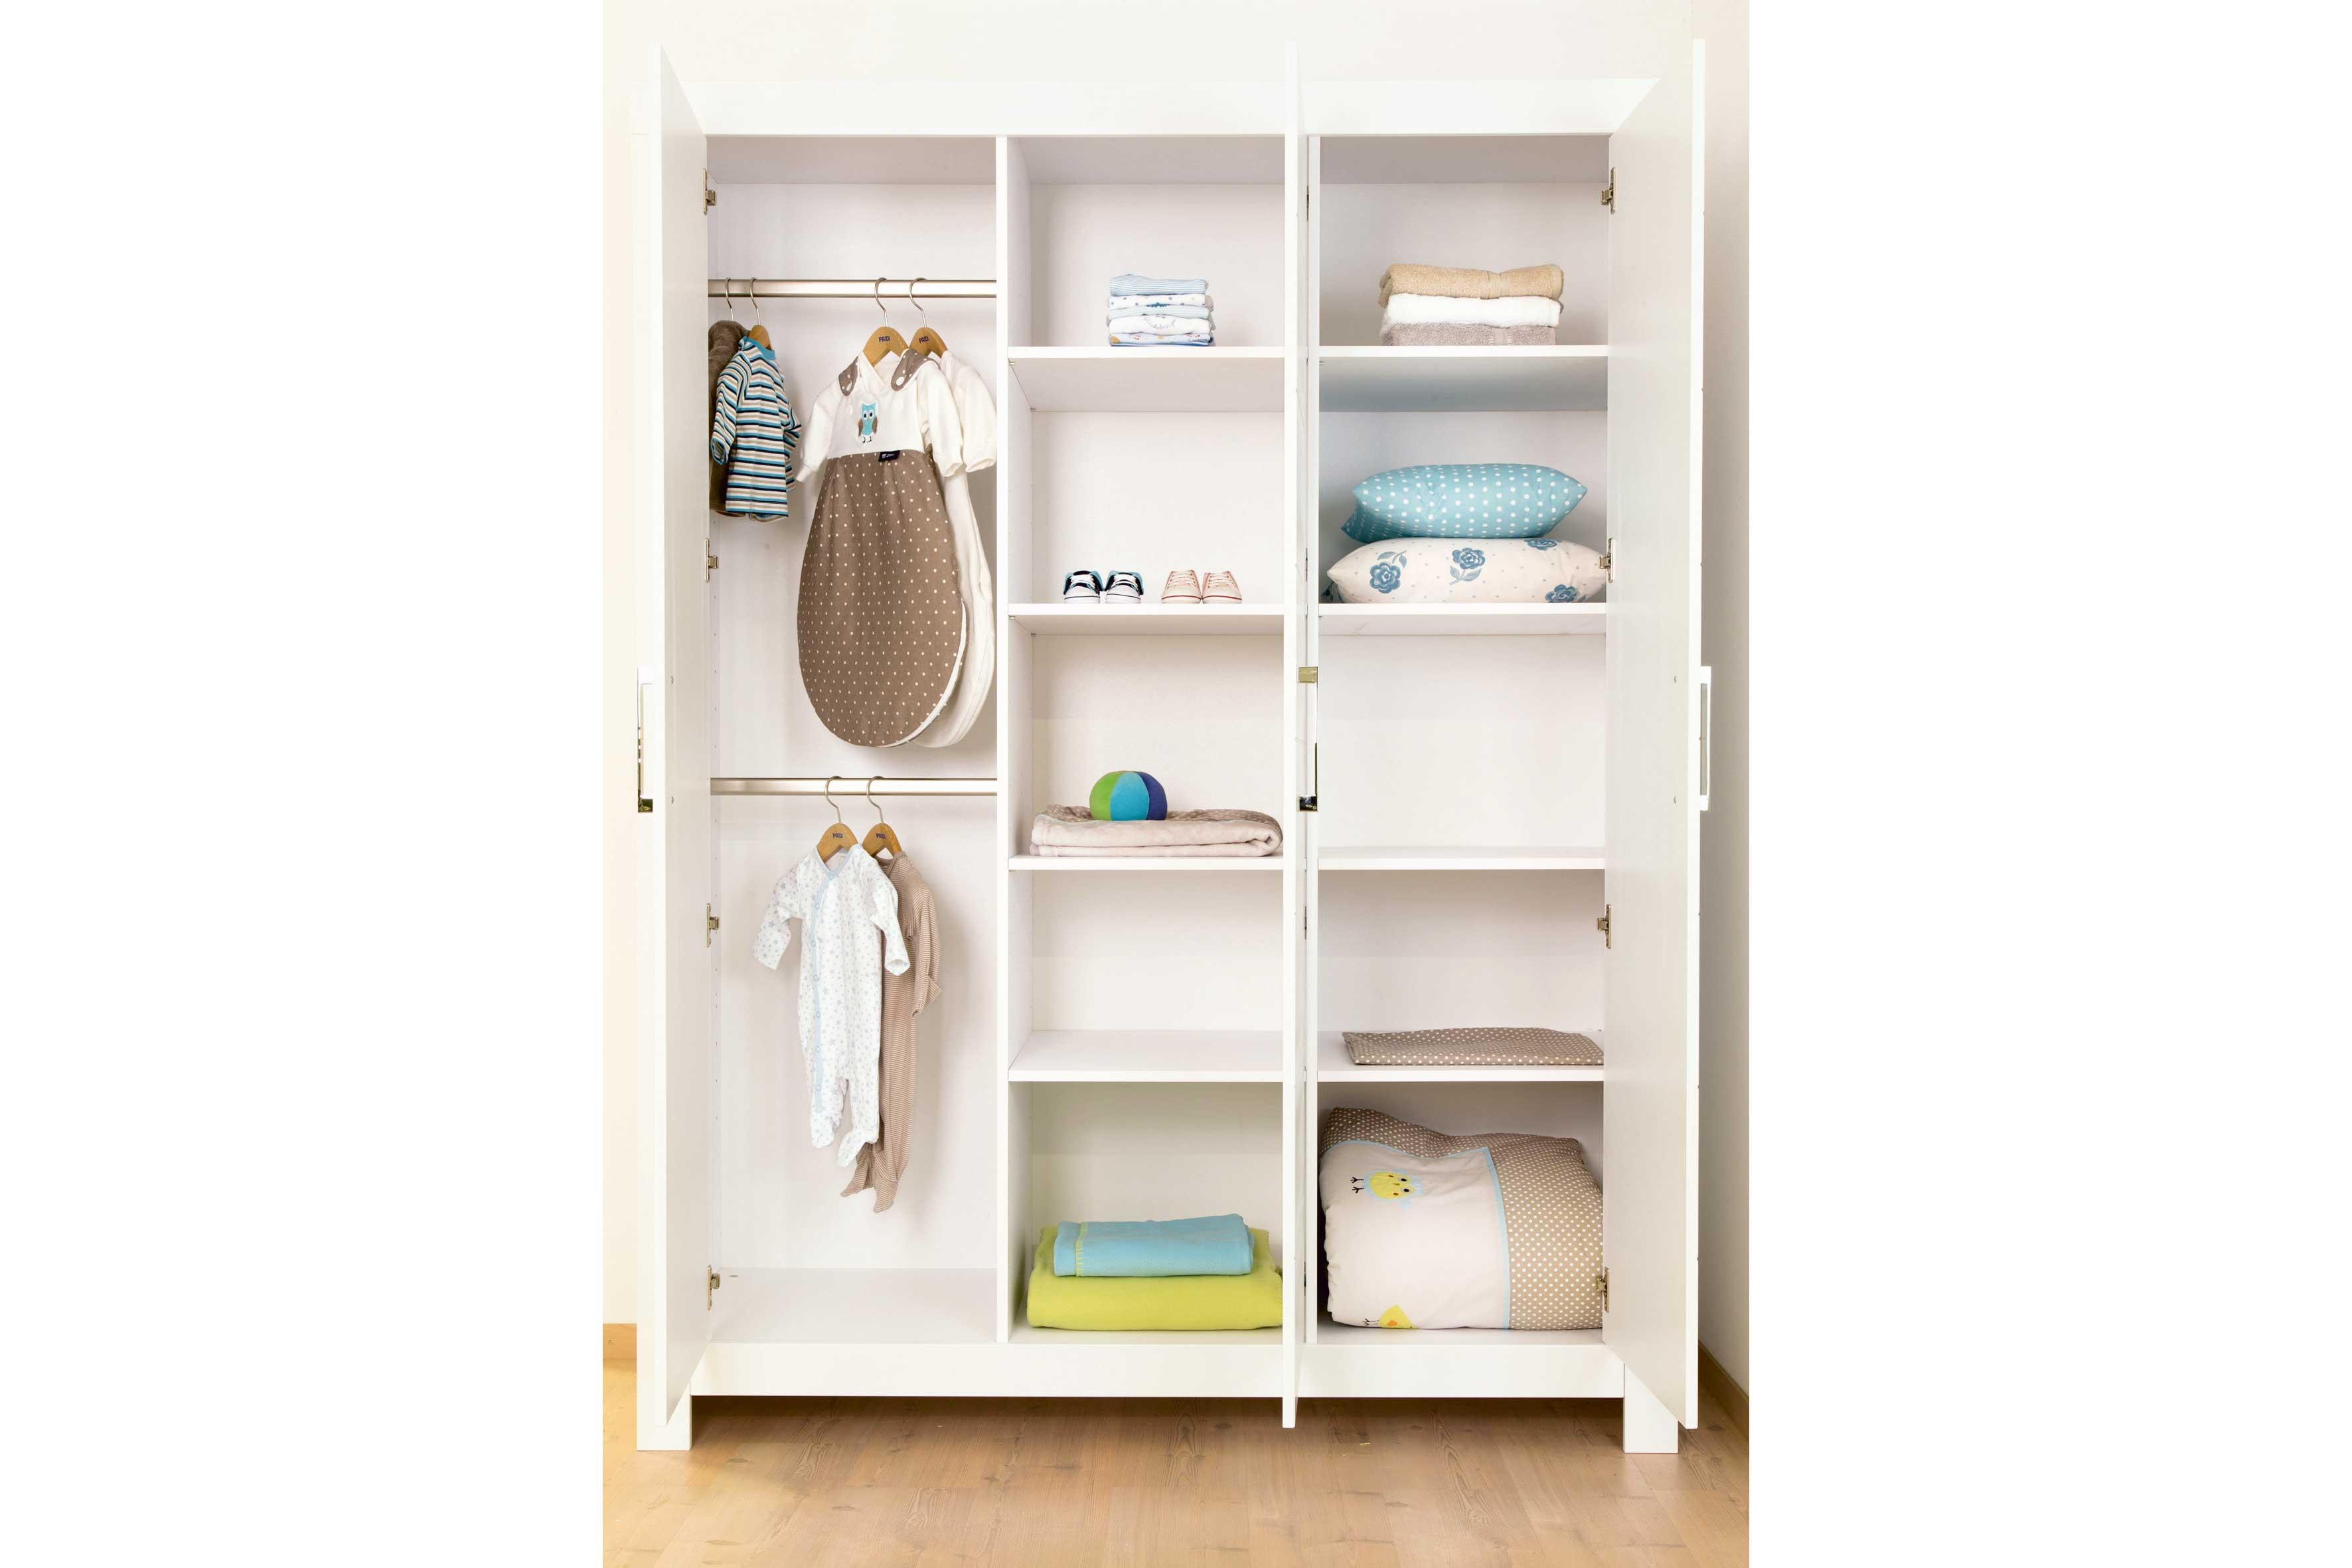 paidi babyzimmer fiona kreideweiß | möbel letz - ihr online-shop